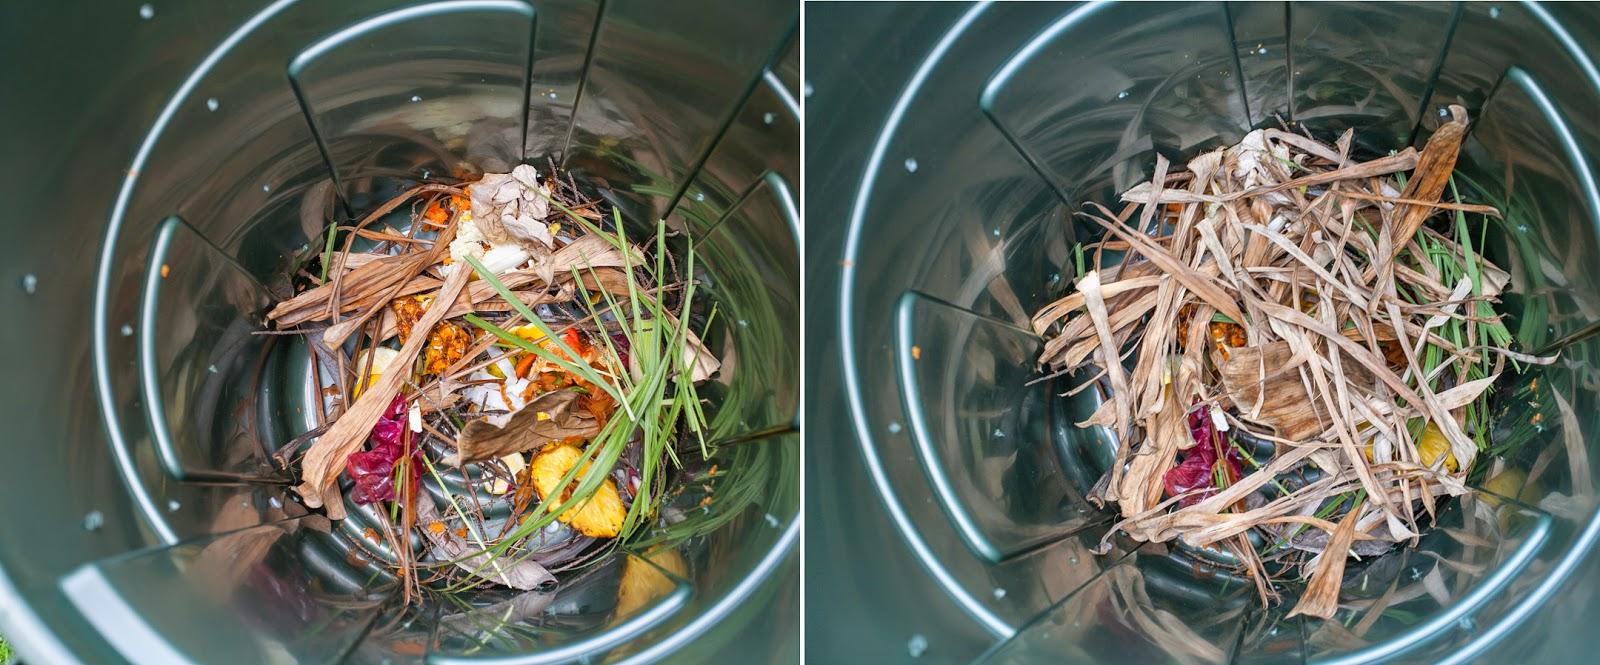 compost306-7 COPY